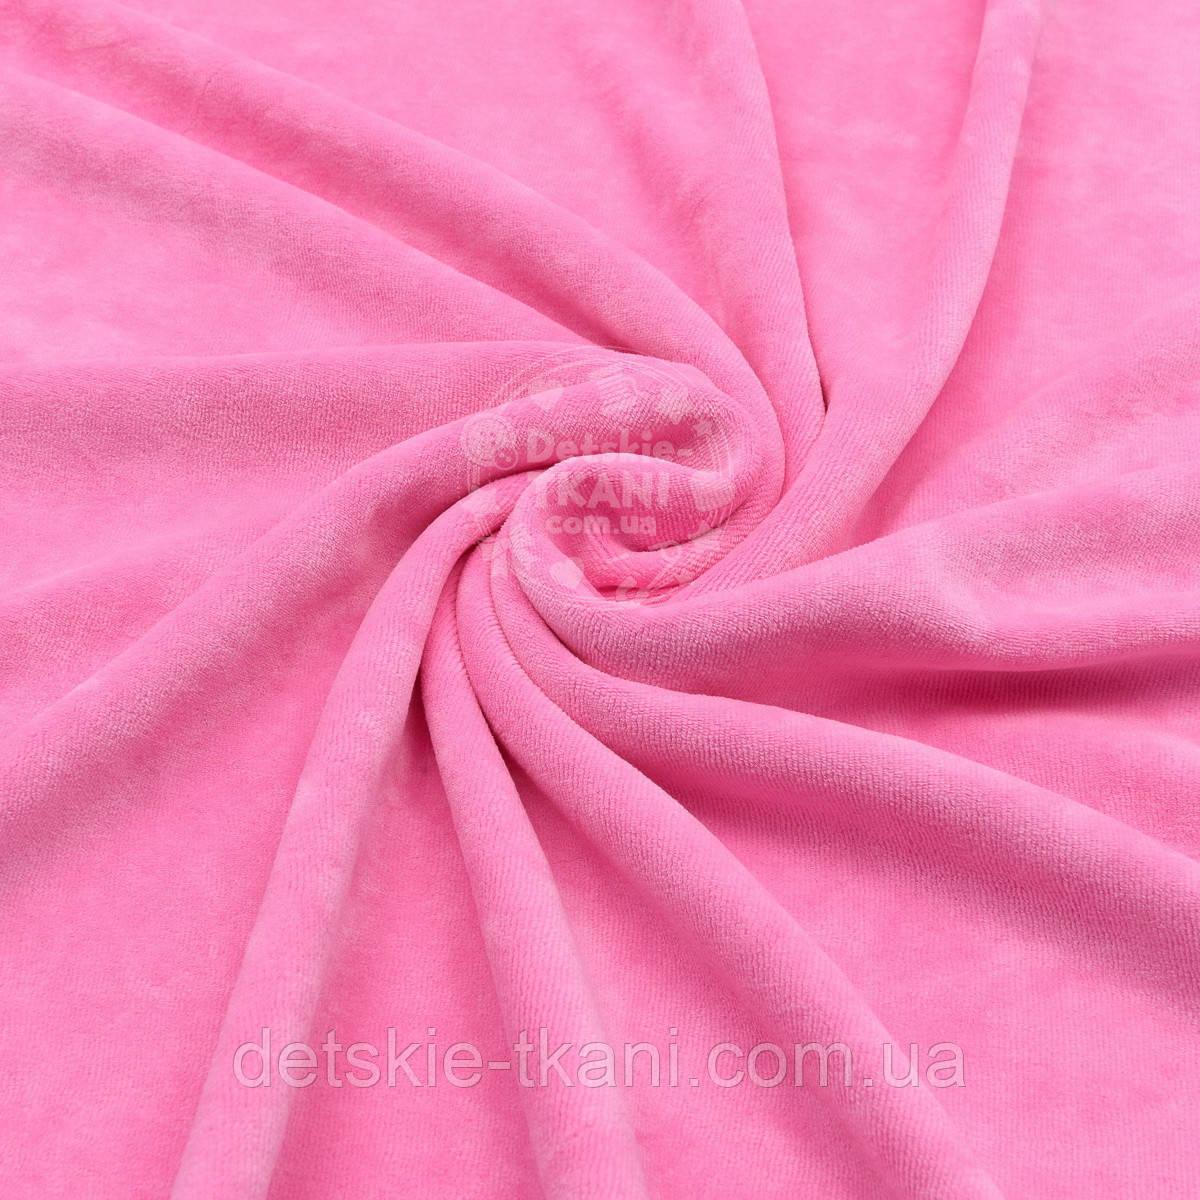 Однотонный ХБ велюр тёмно-розового цвета